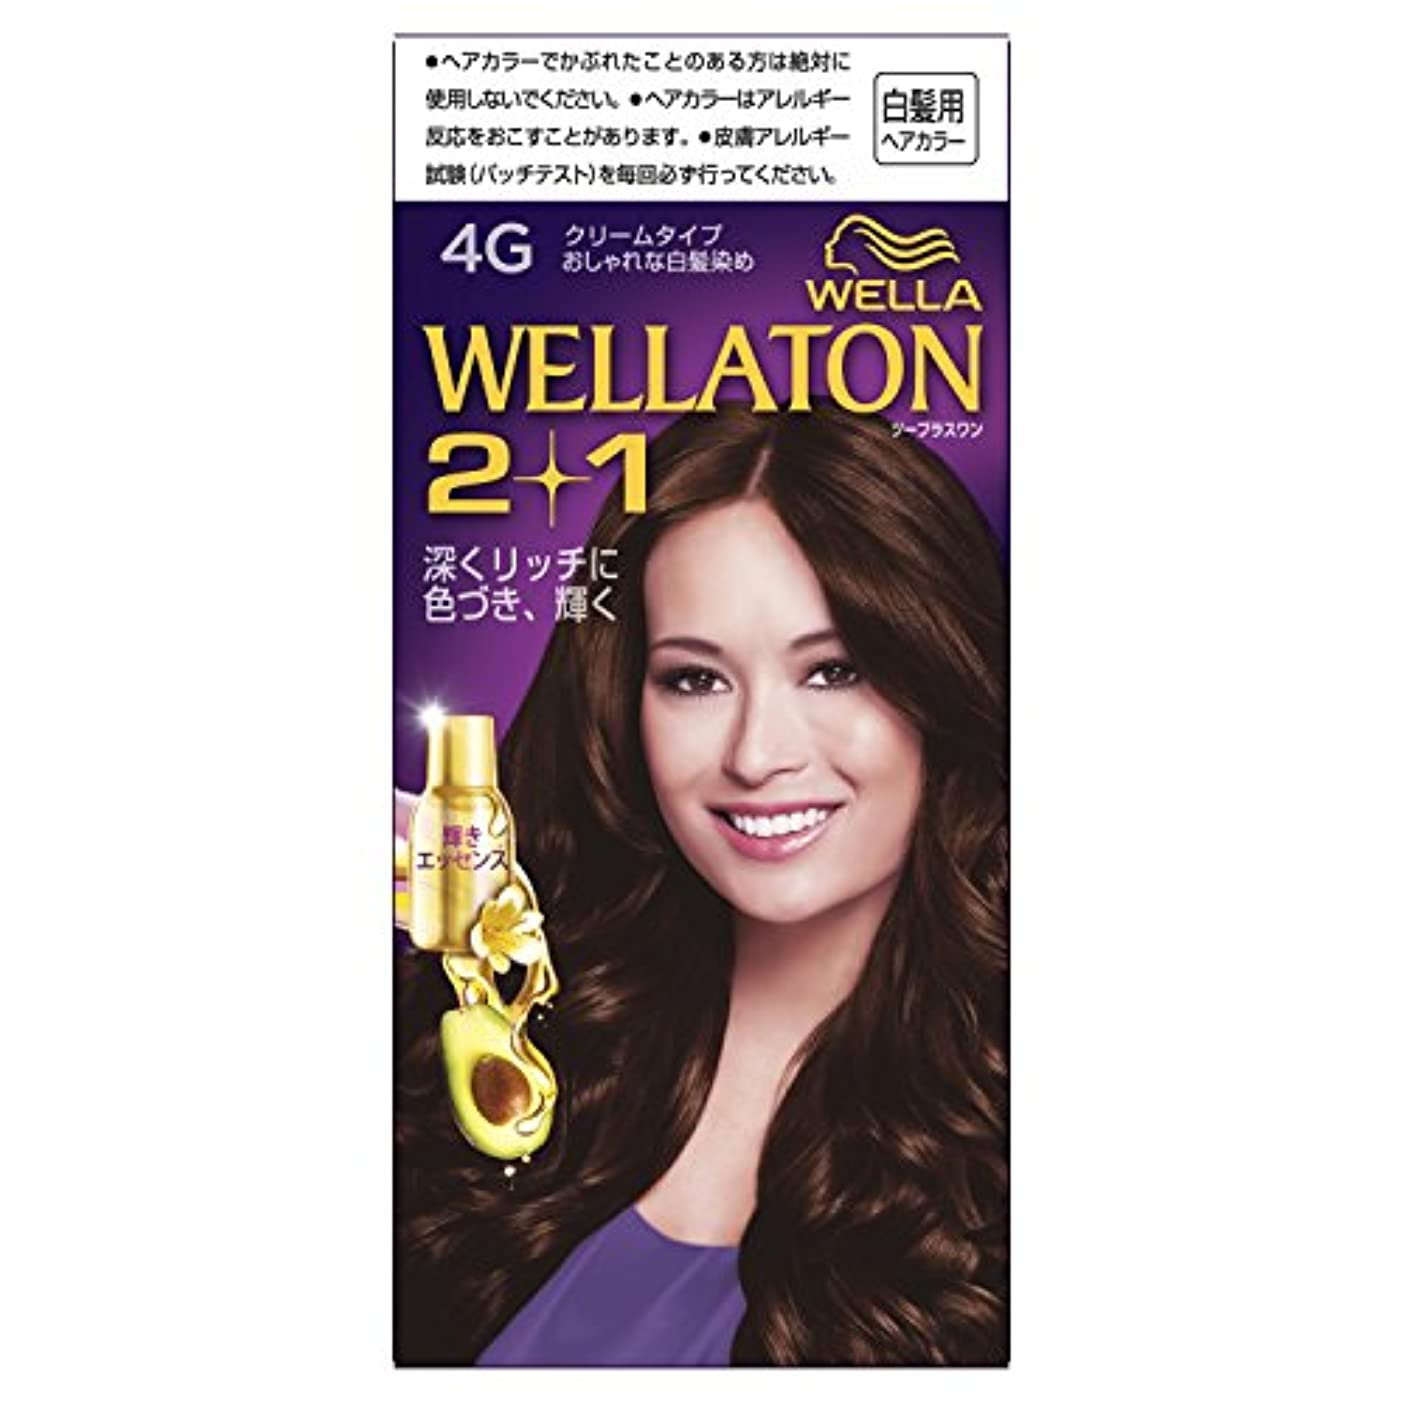 ウエラトーン2+1 クリームタイプ 4G[医薬部外品](おしゃれな白髪染め)